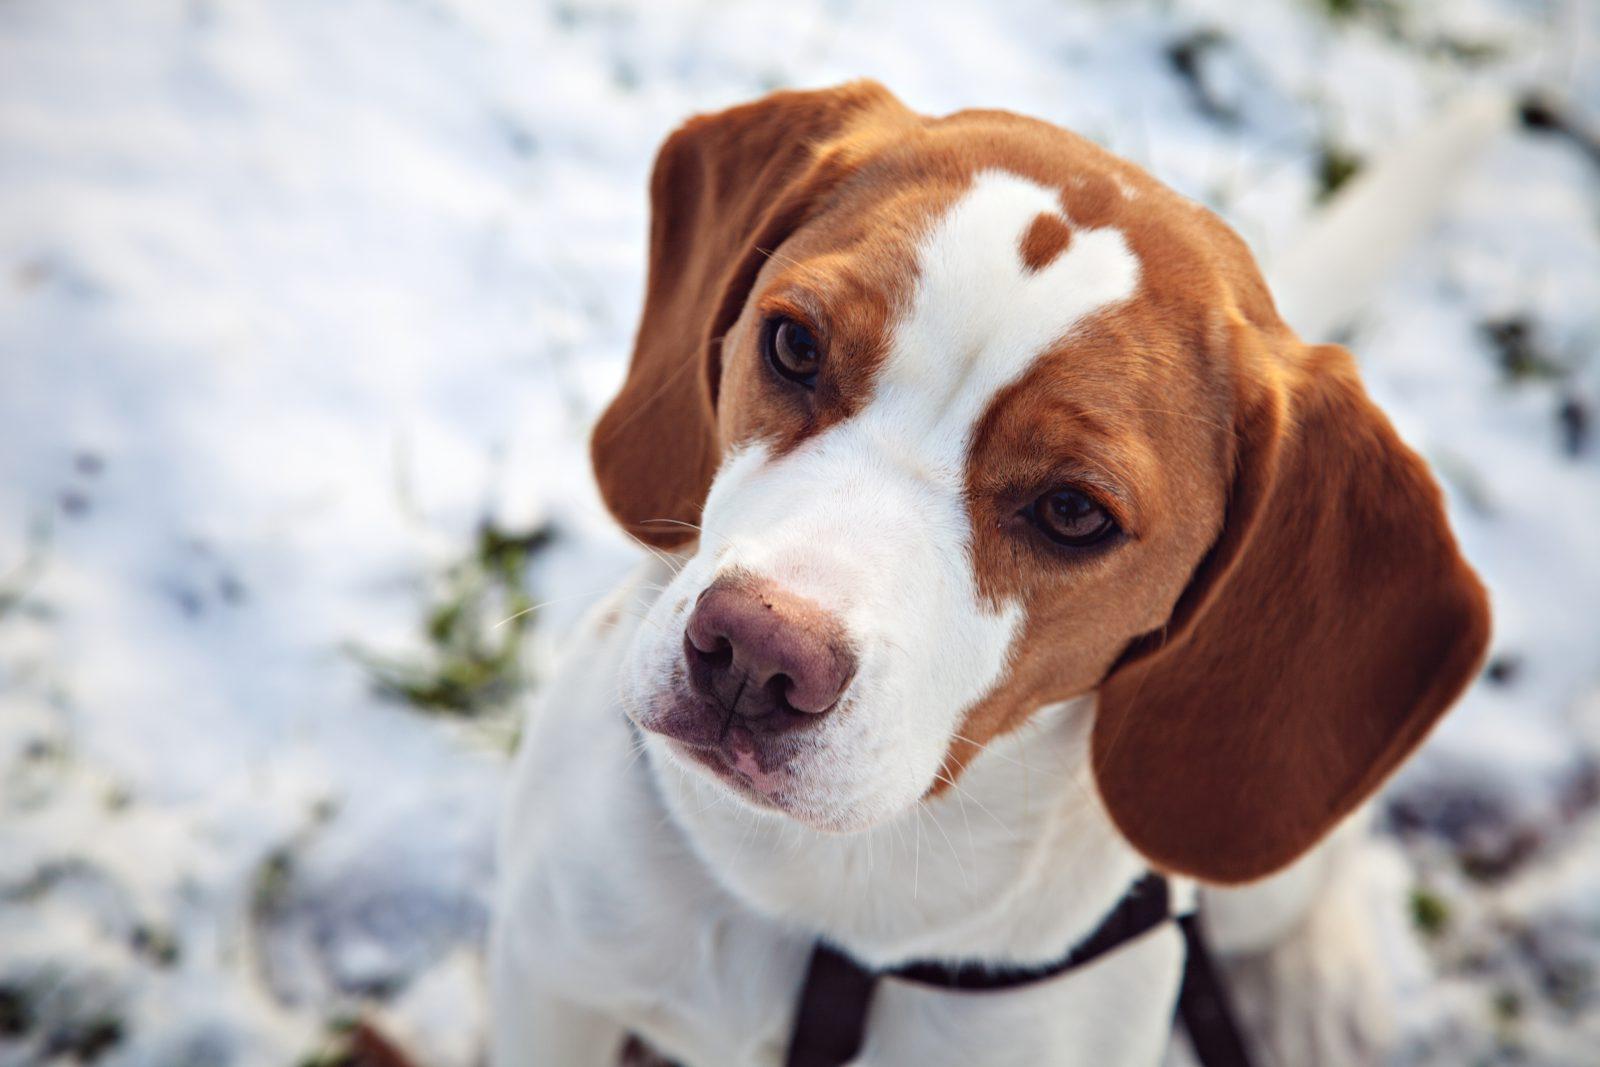 Cachorro latindo: Beagle branco e castanho com olhar fixado em seu dono dando toda a sua atenção.